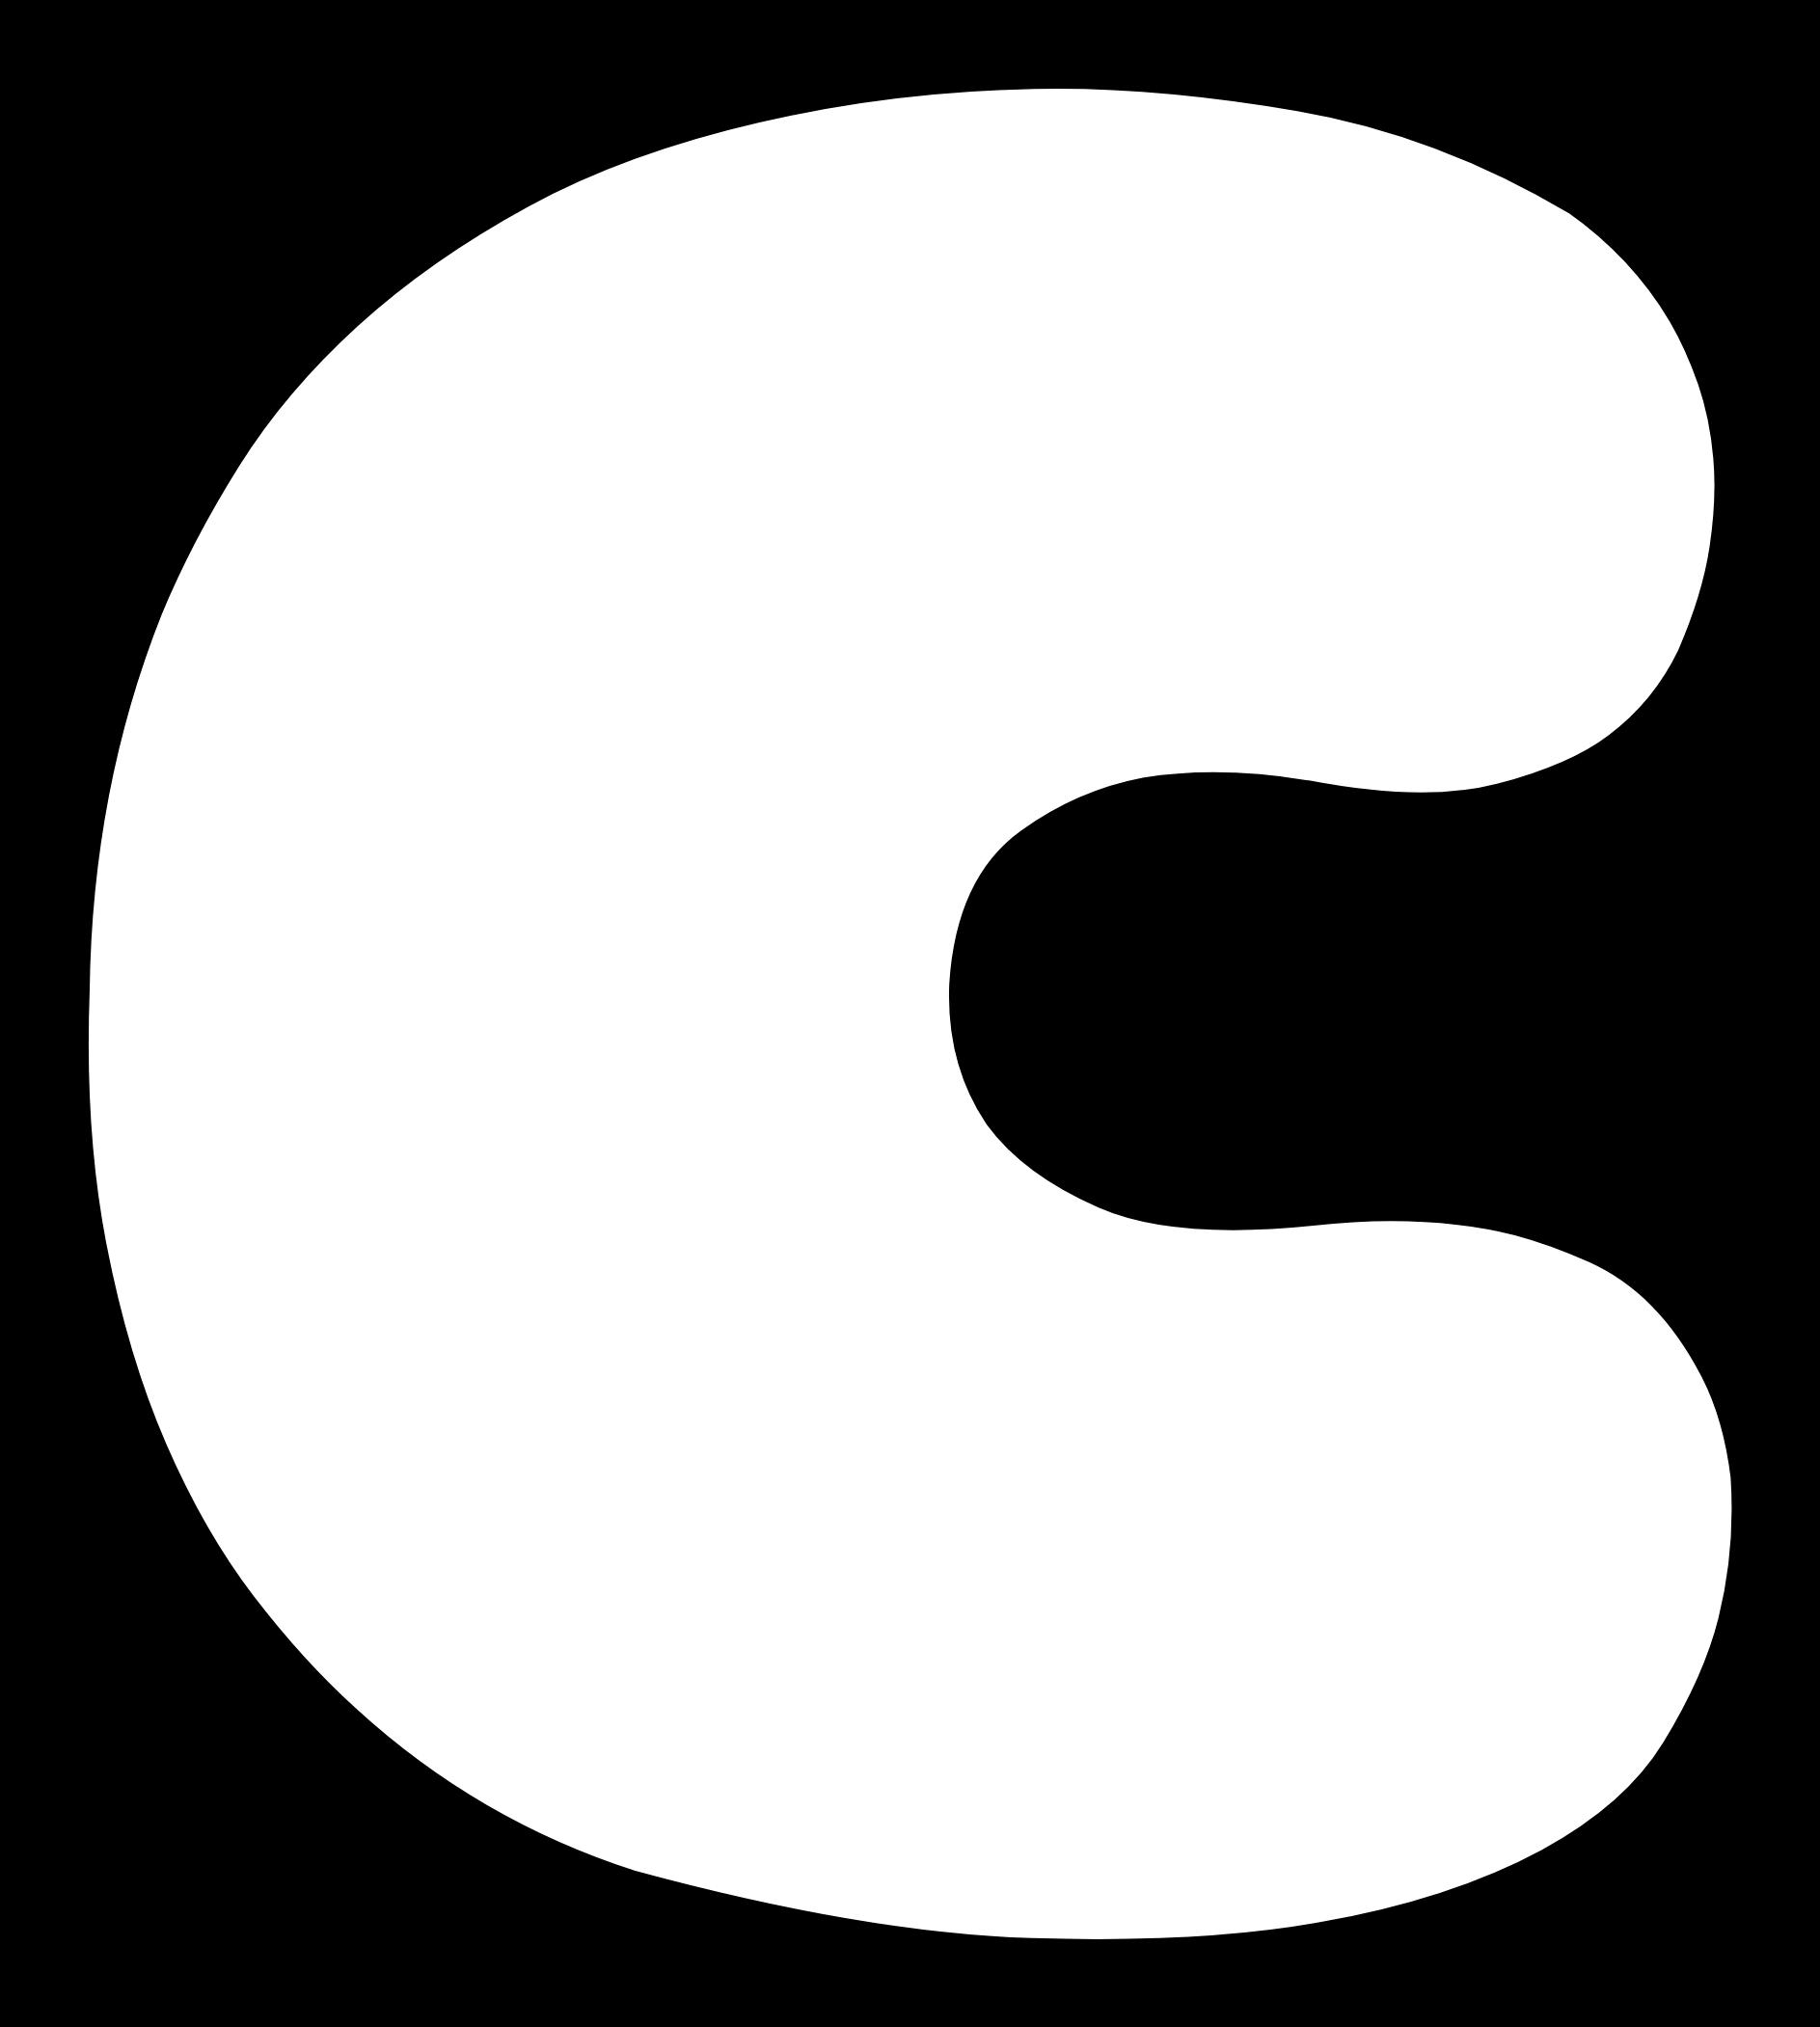 Transparent free clipart letters to print - Uppercase Bubble Letter C - Make Bubble Letters C